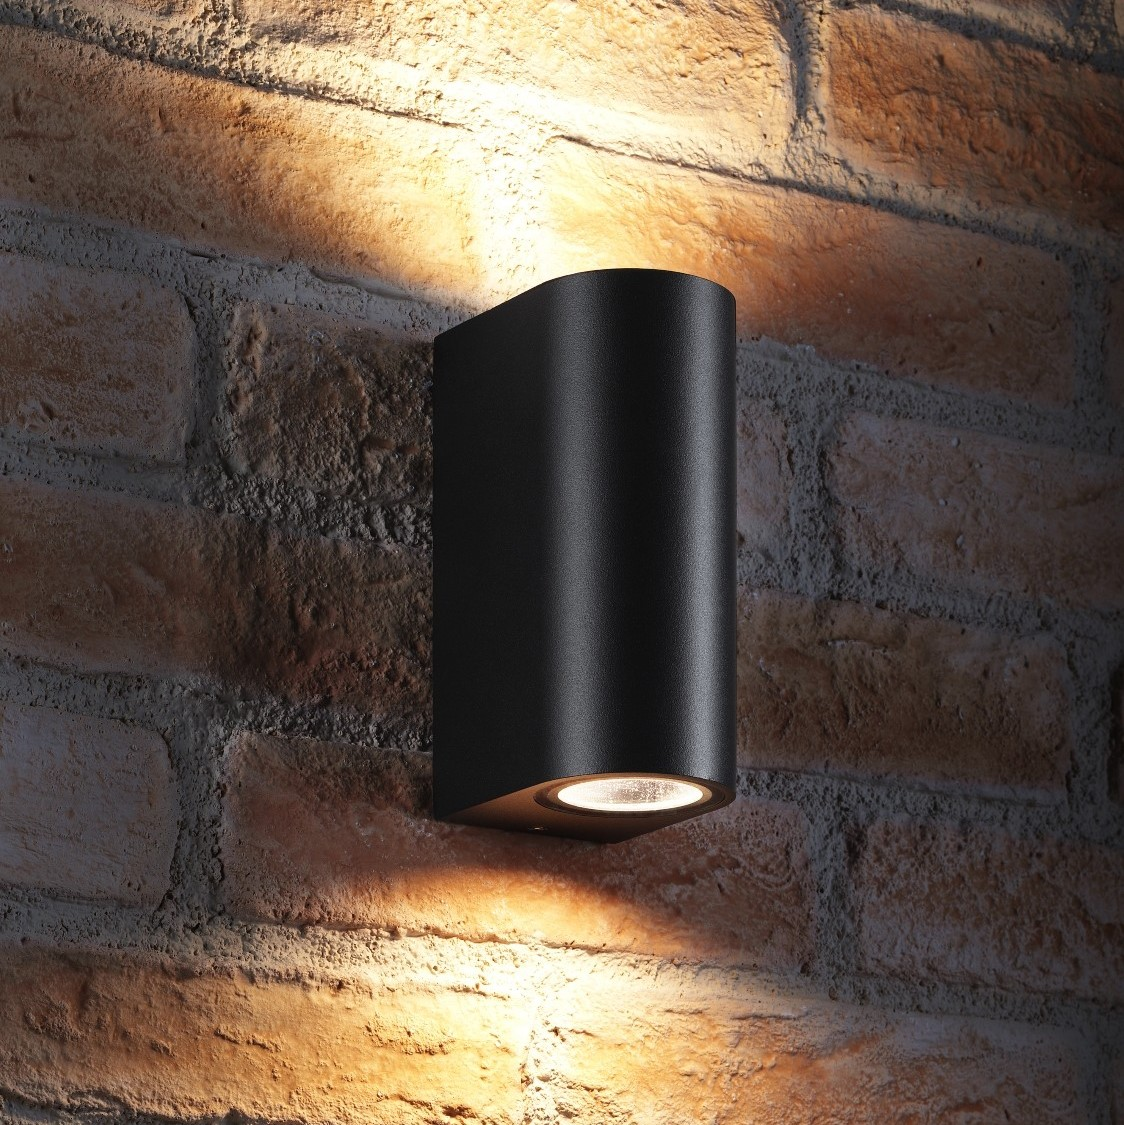 Led Art Light Battery Powered